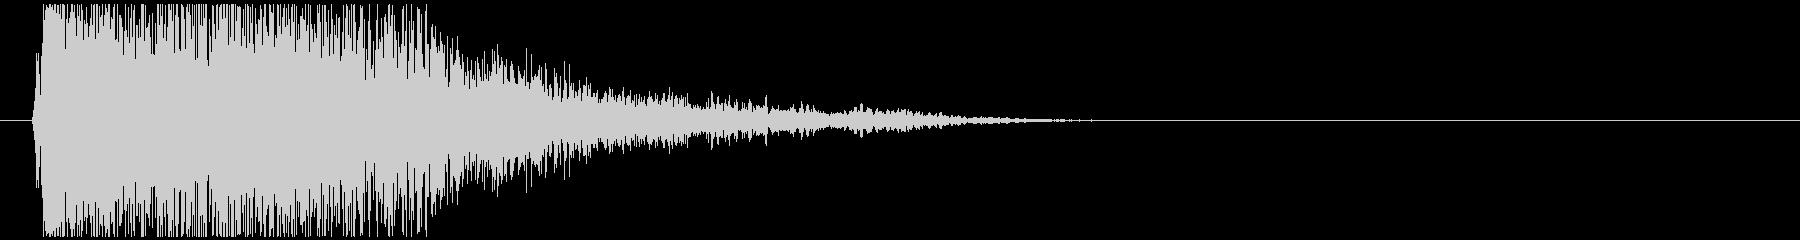 オーケストラヒットの未再生の波形